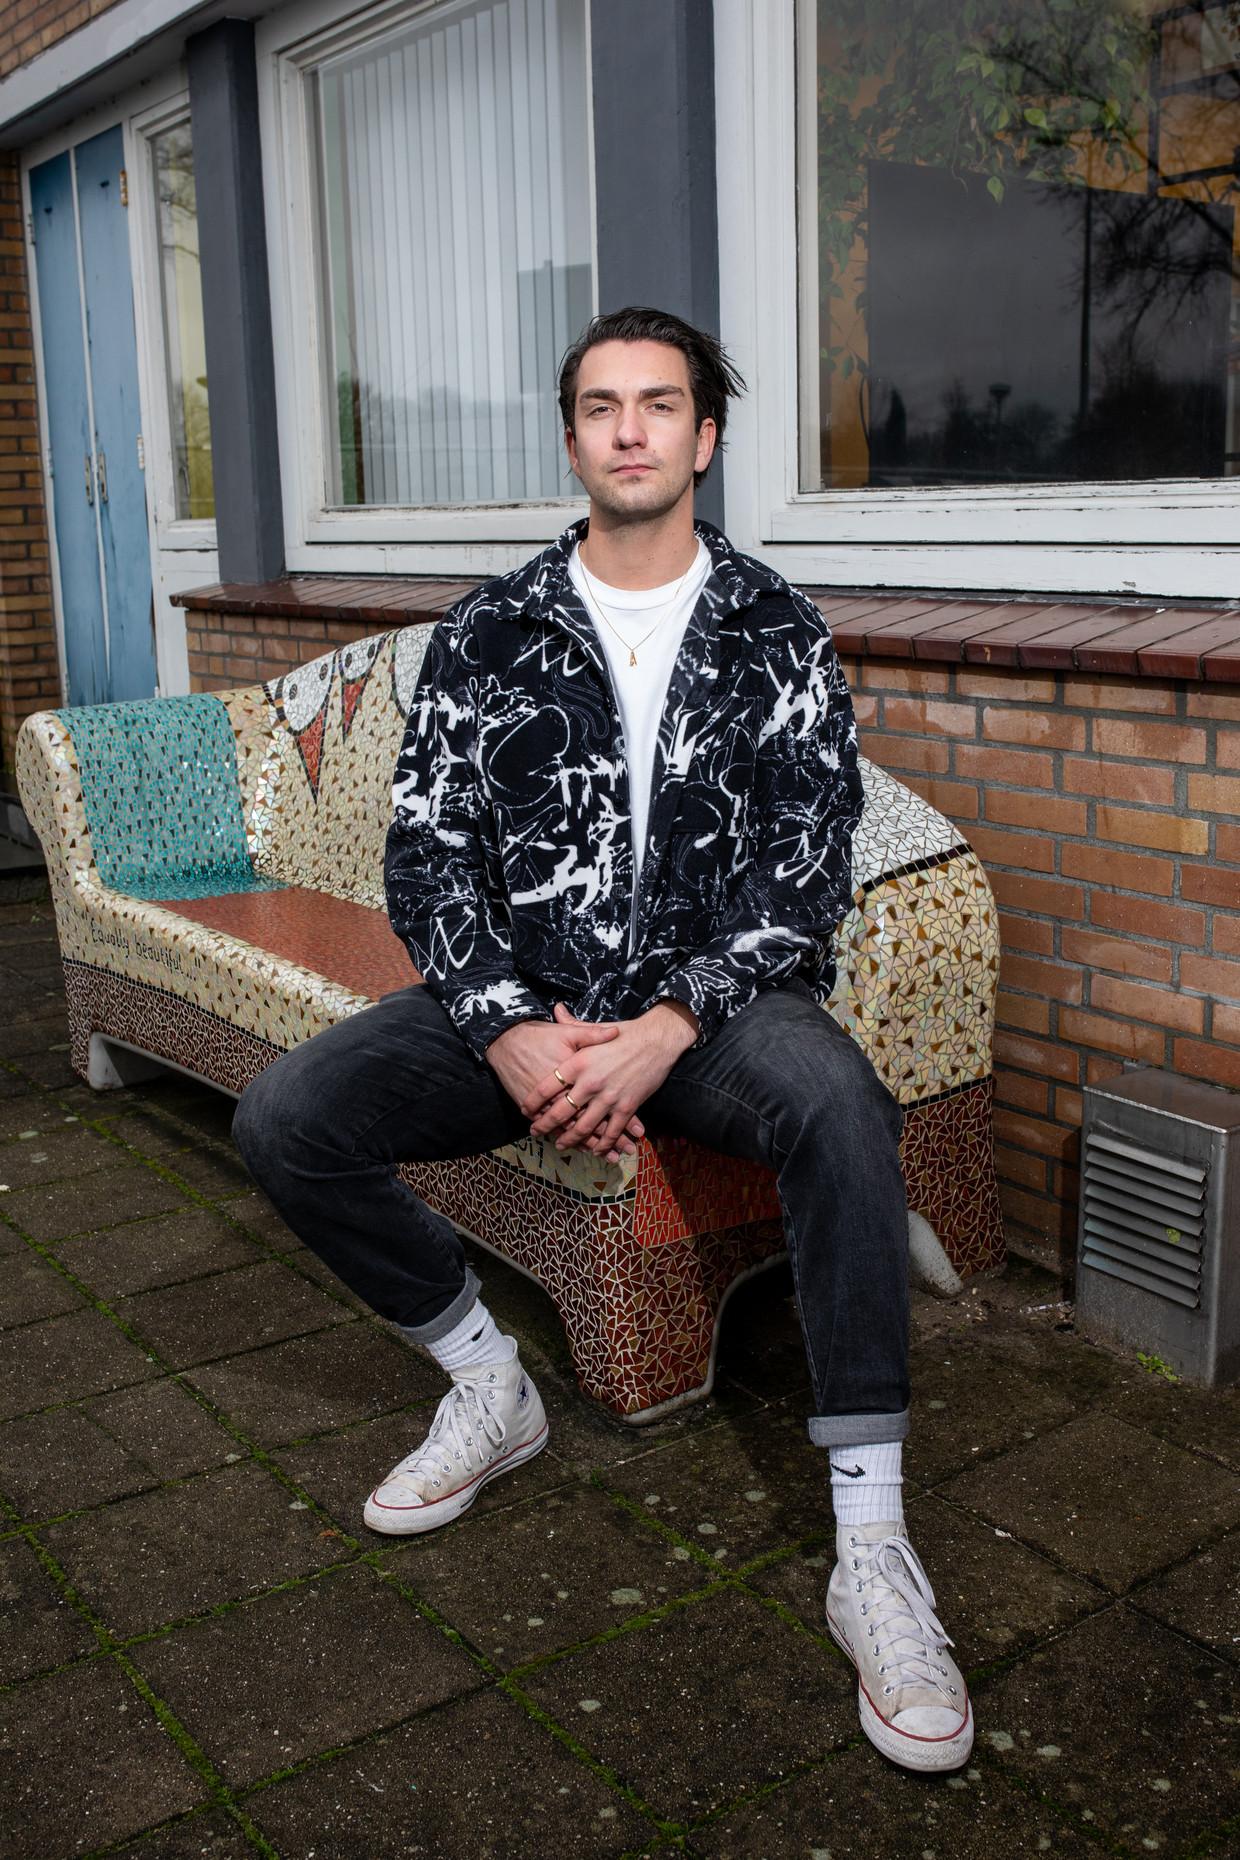 Portret van Joppe Soons voor café '5 Amsterdam', een ontmoetingsruimte en koffiebar in het asielzoekerscentrum. Beeld Farouk Ebaiss en Nosh Neneh